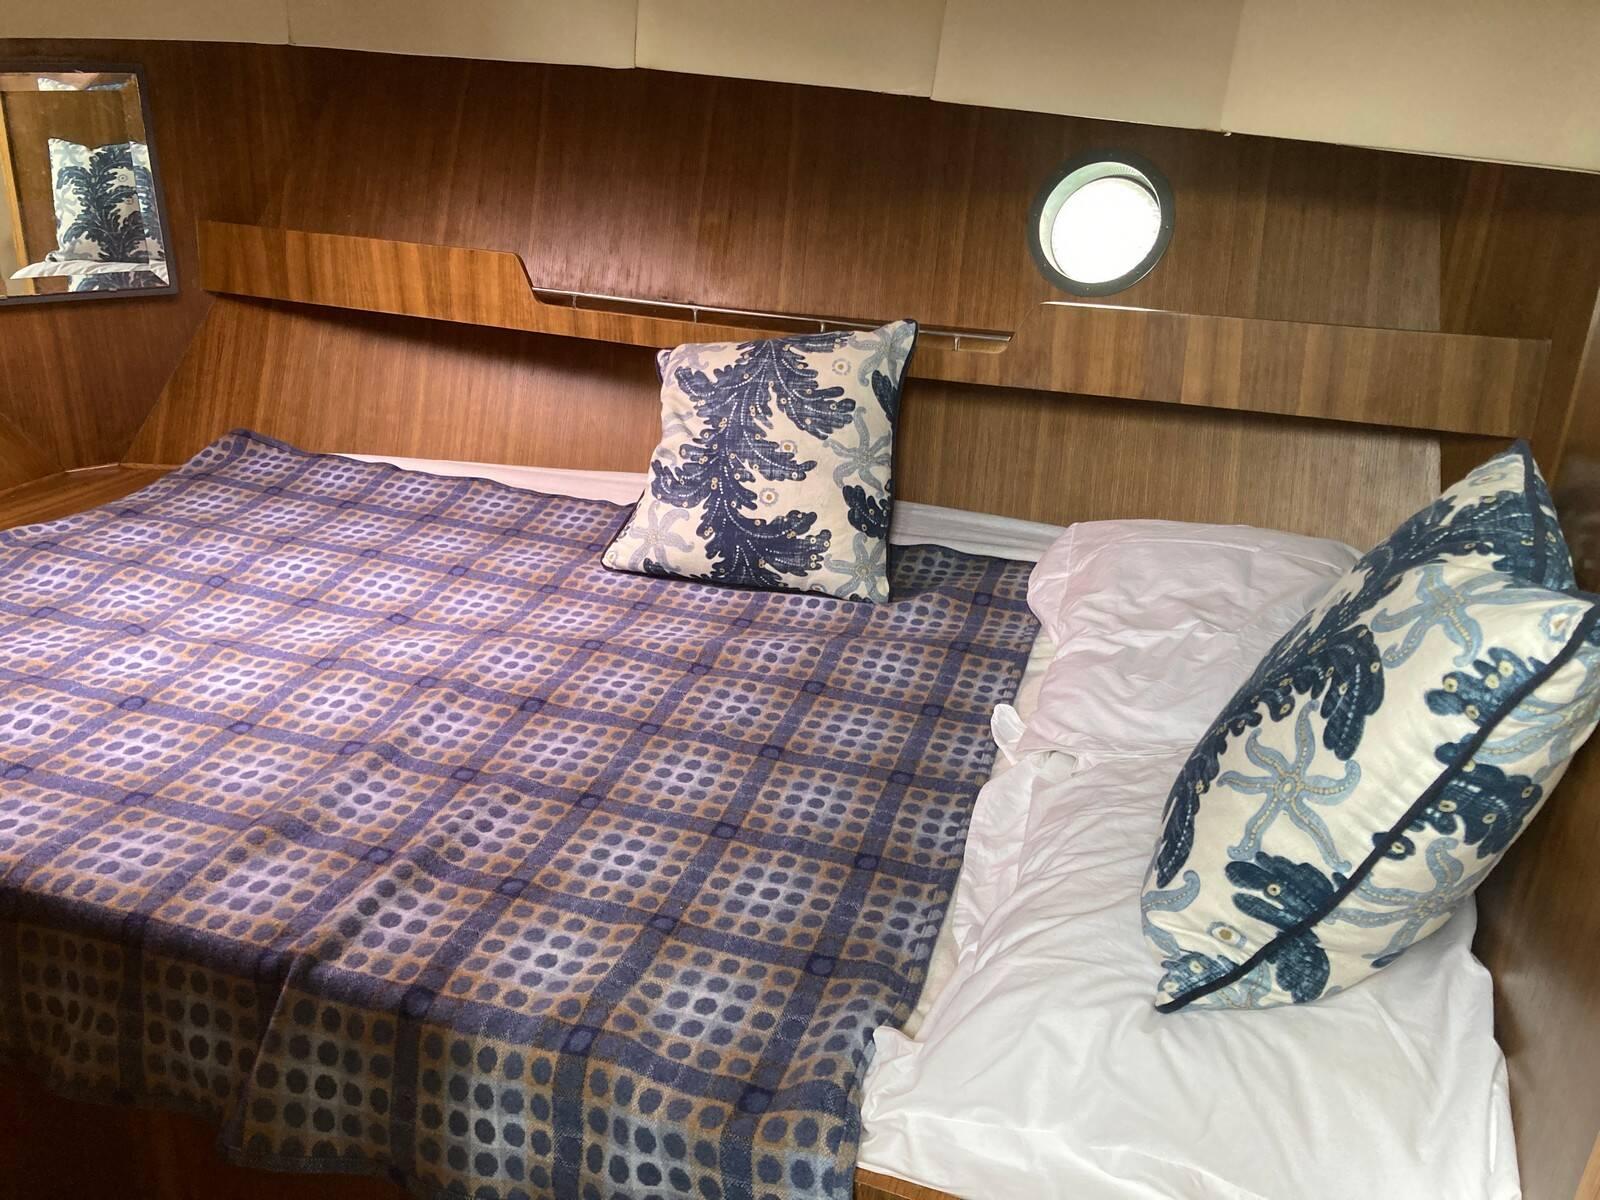 Lattitude 44 fore cabin 2